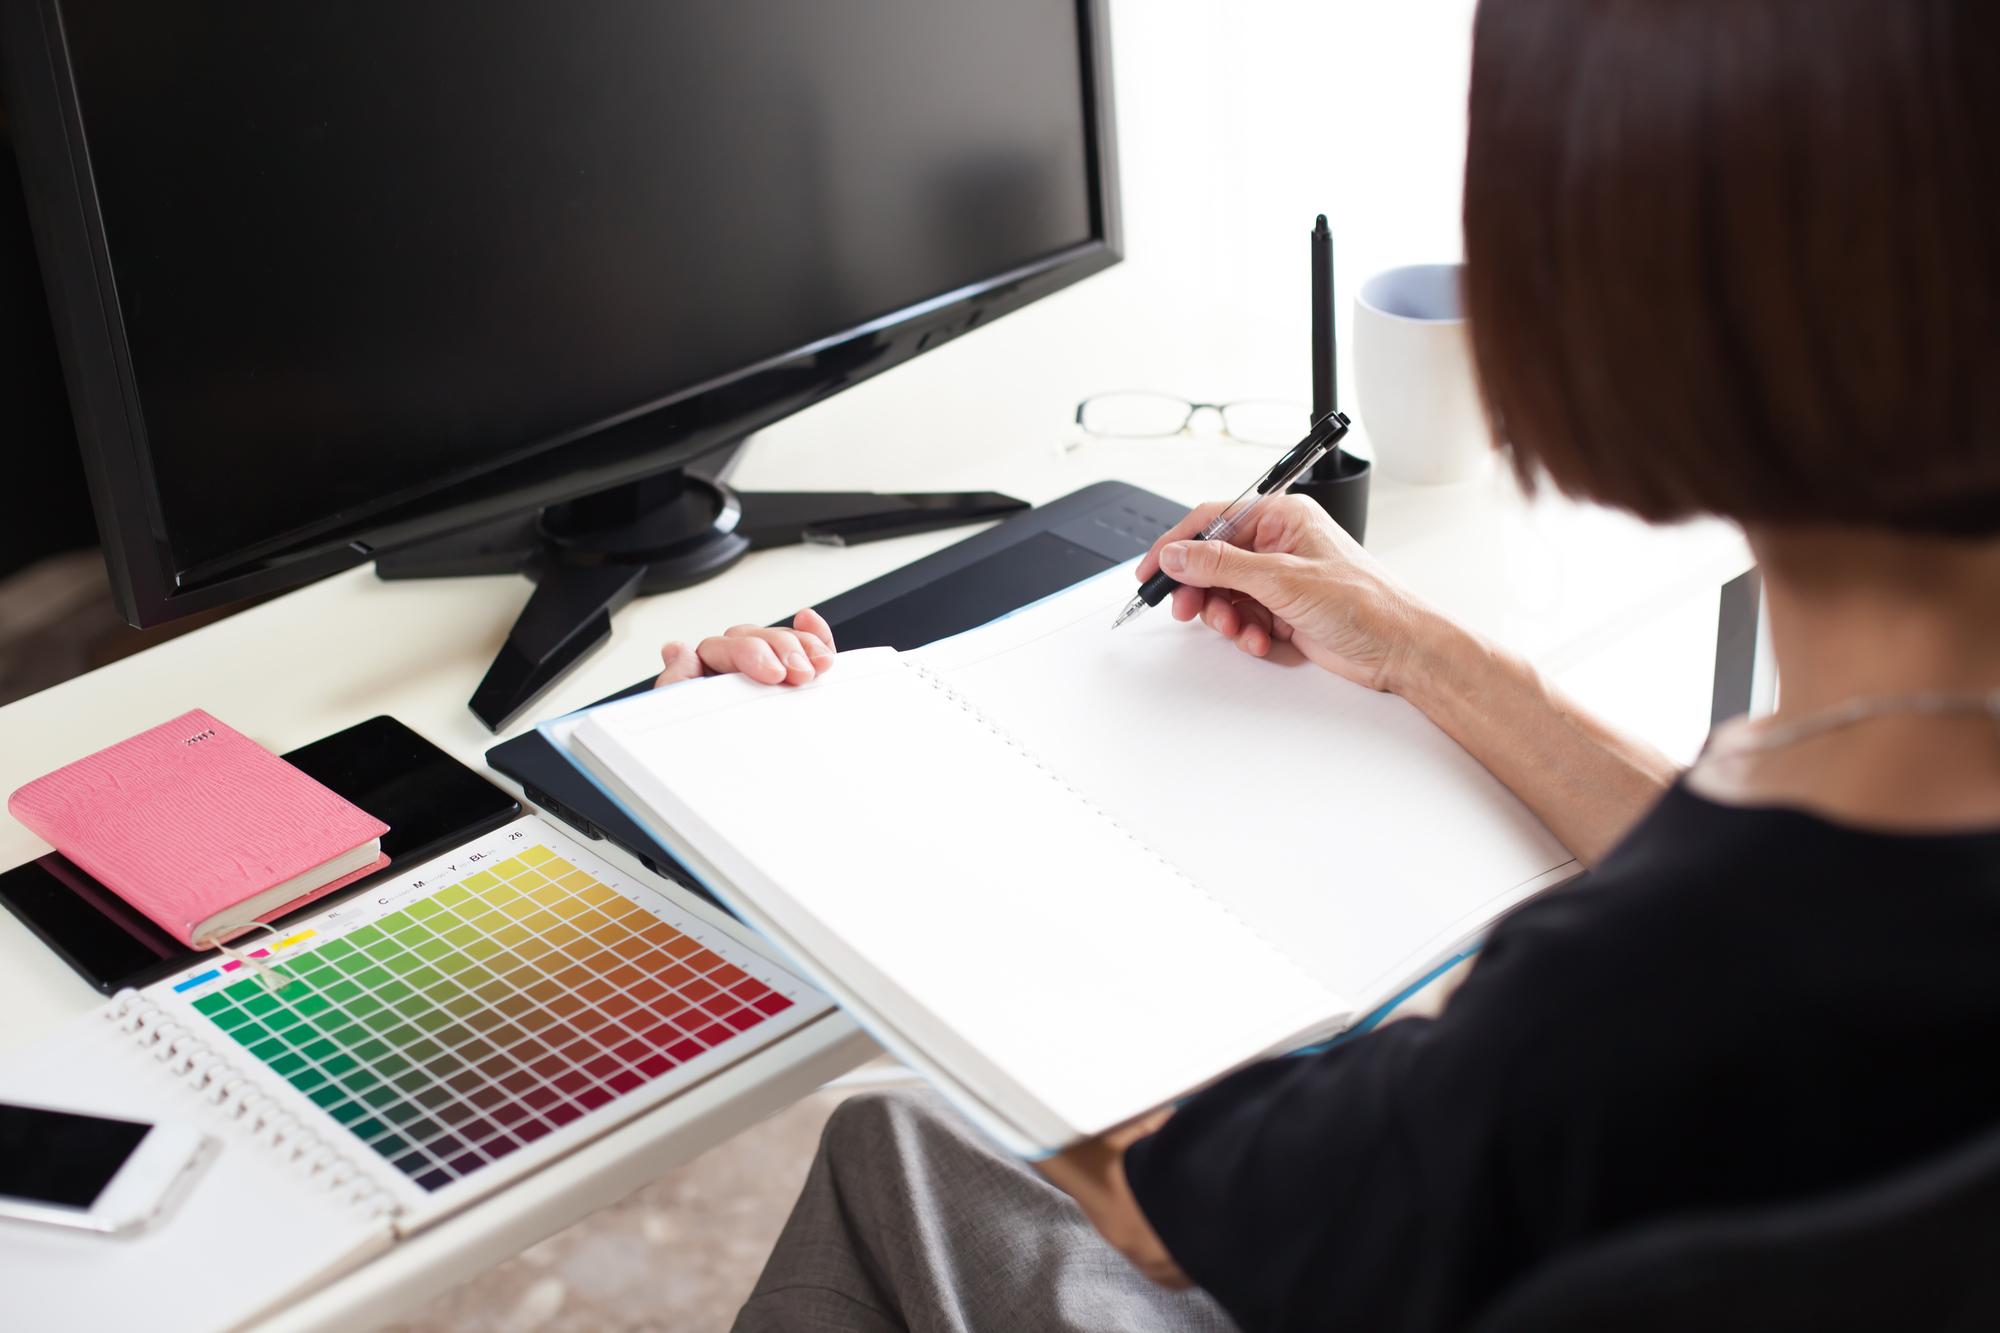 Illustrator(イラストレーター)は無料で使える!?代わりとなるソフトのご紹介イメージ画像